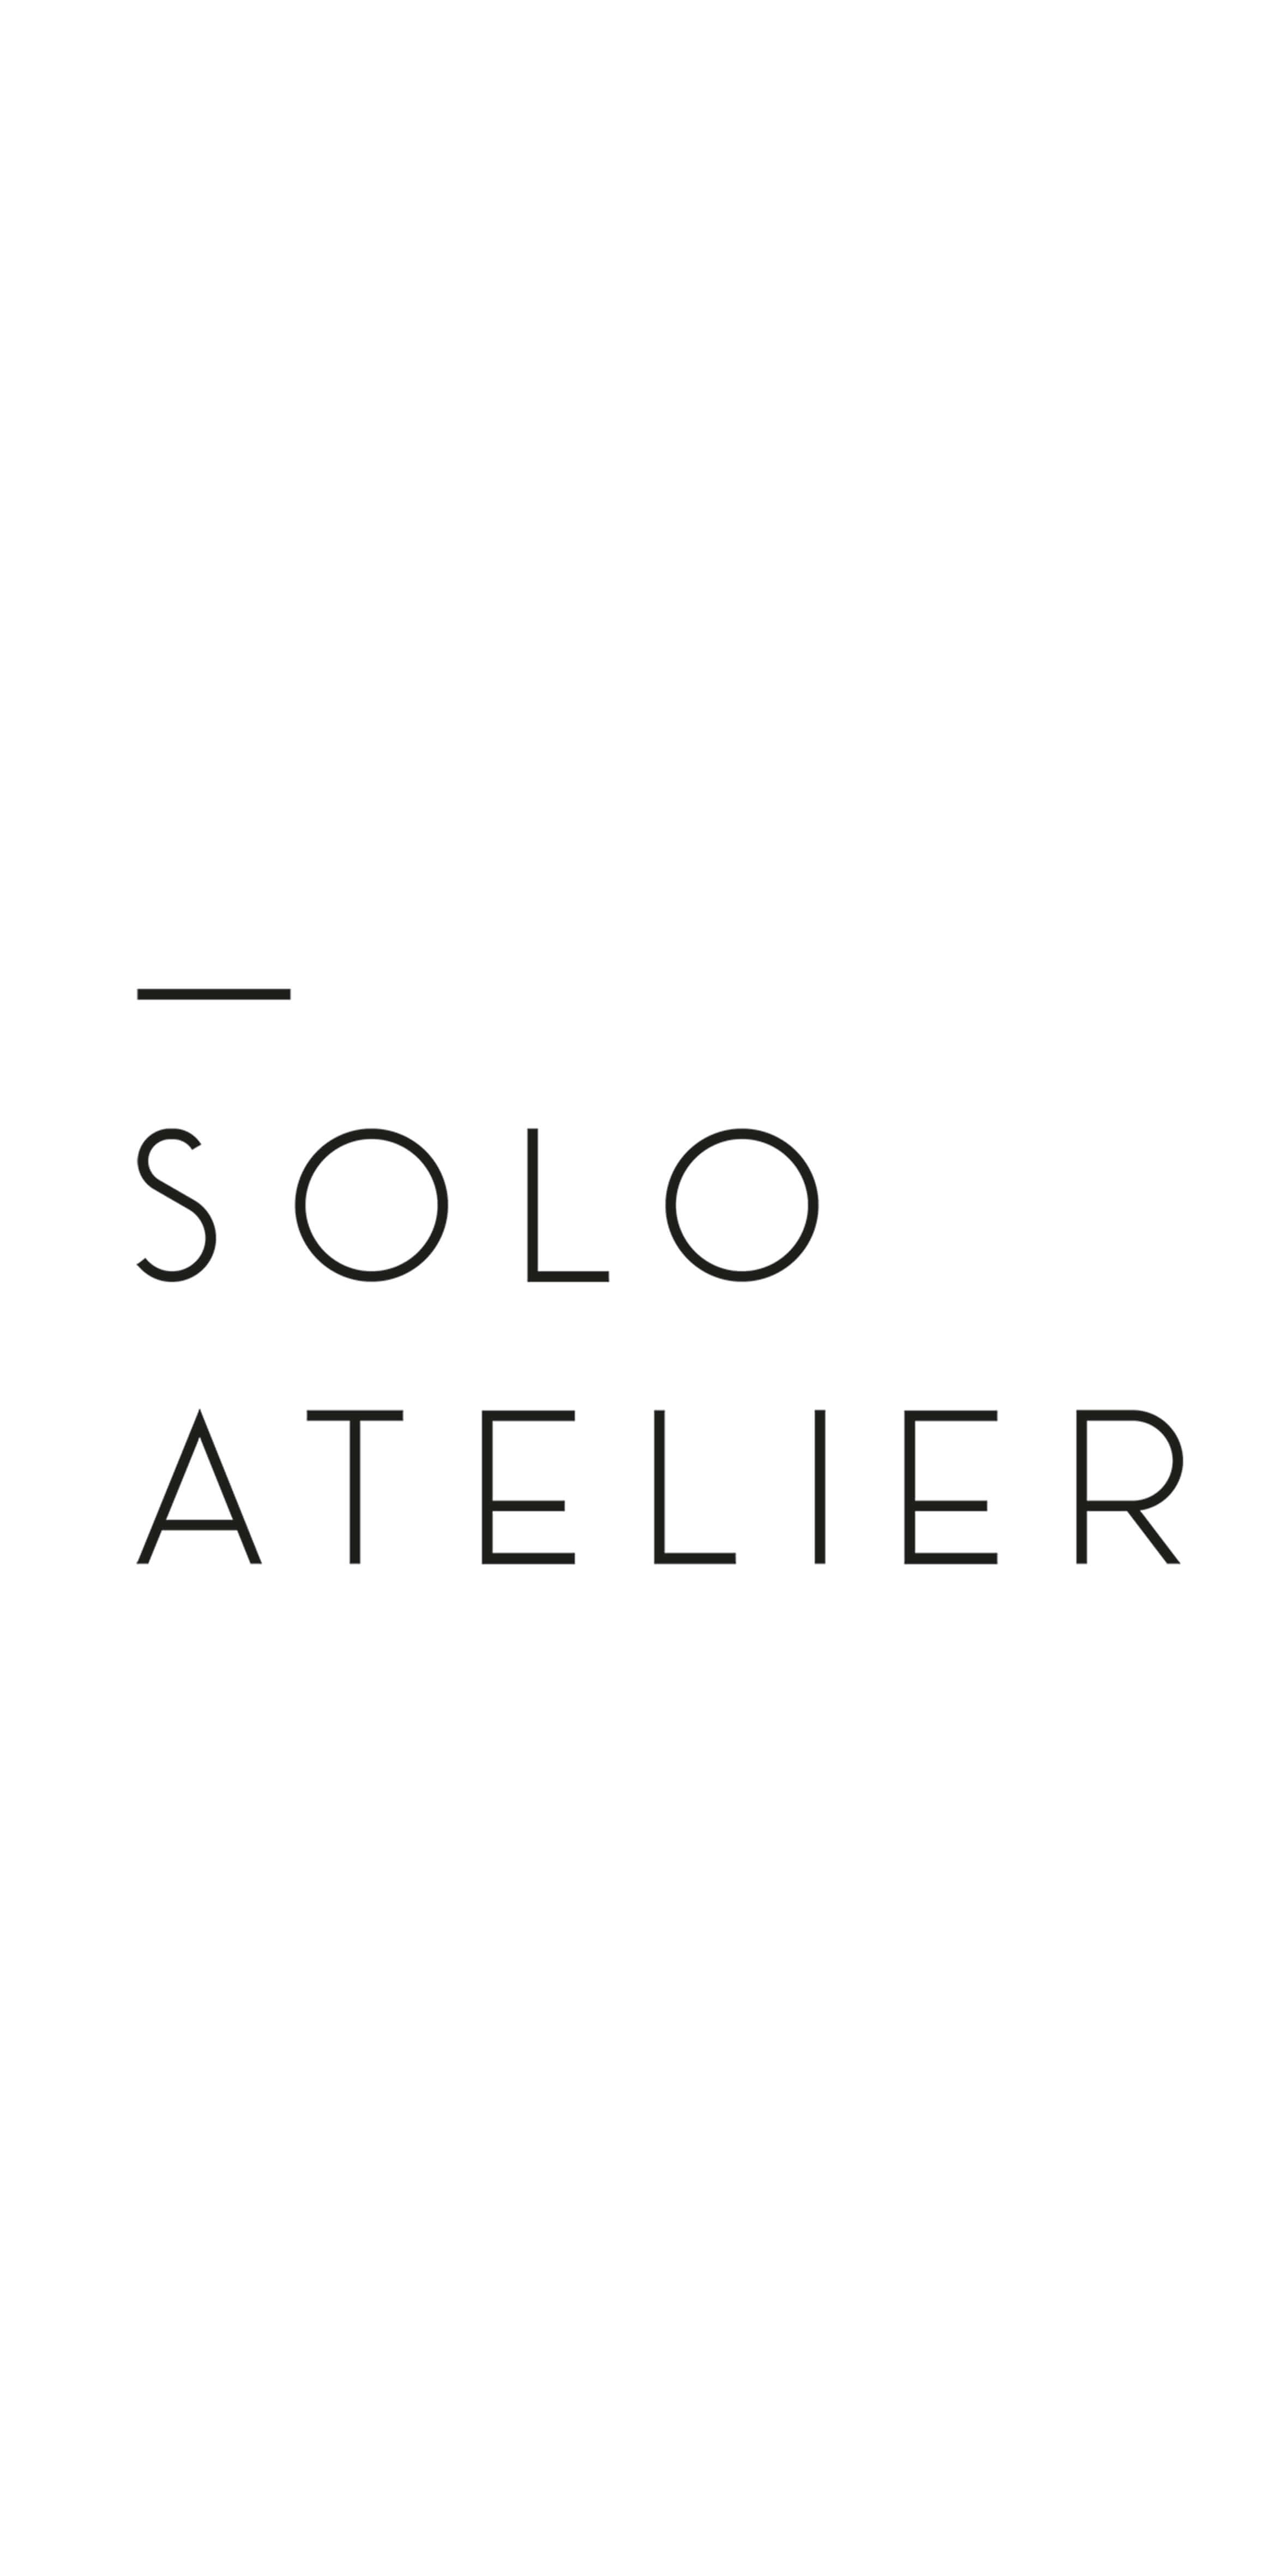 SOLO ATELIER